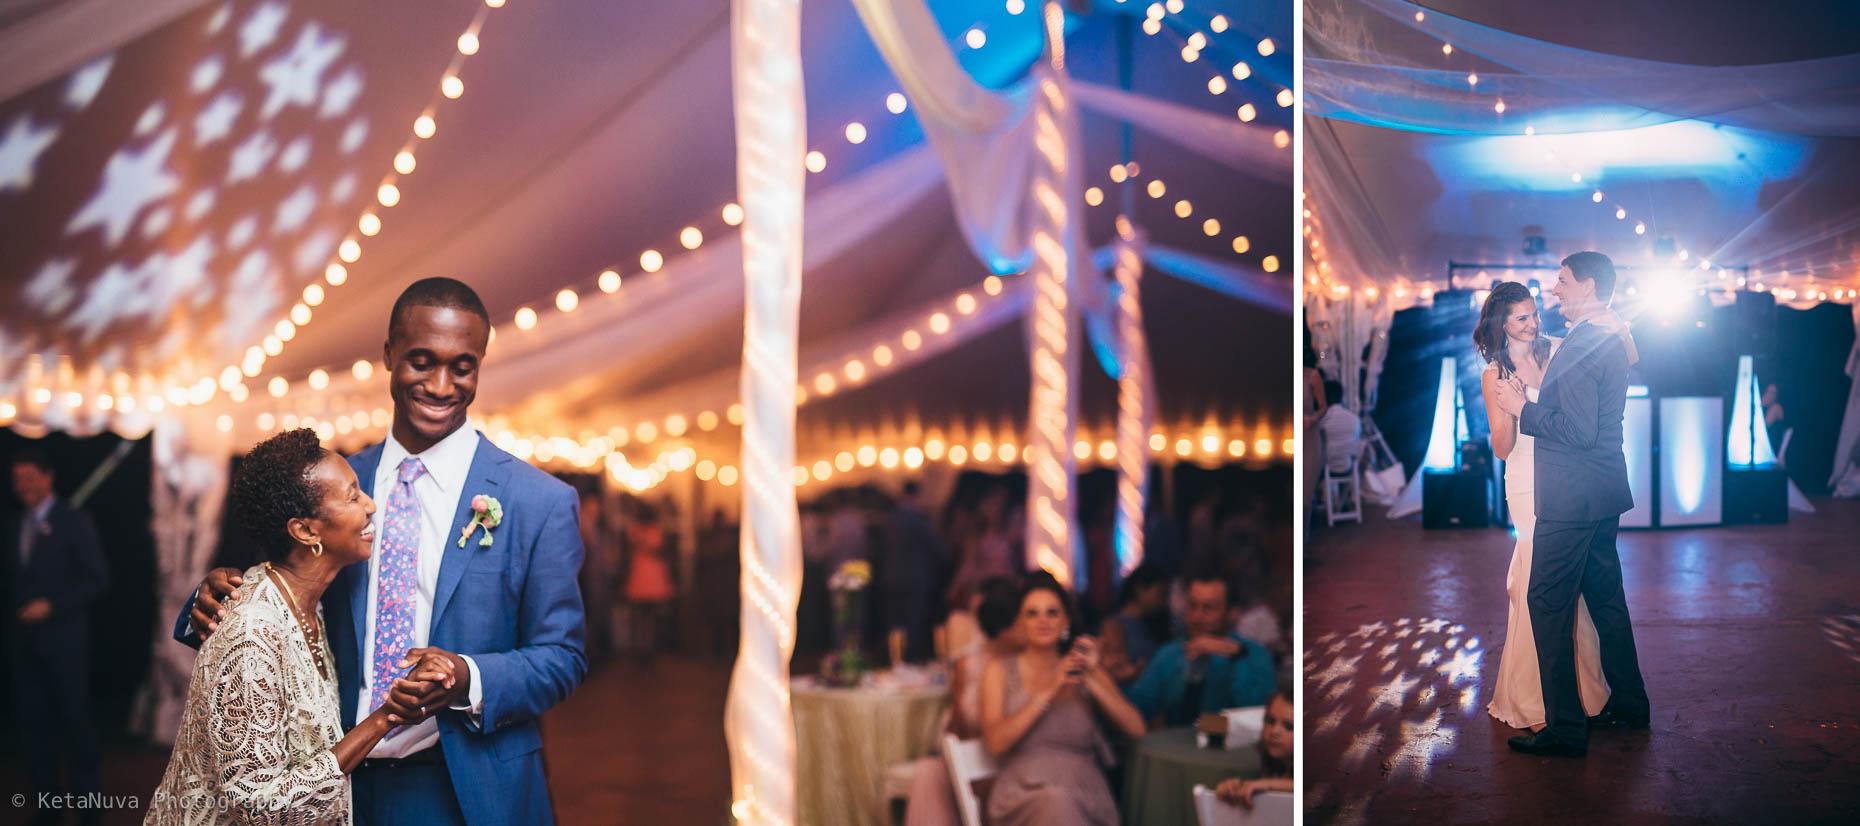 Sunken Garden - Lauxmont Farms Wedding   Aubrey & Barrett Lauxmont Farms Wedding Sunken Garden 013